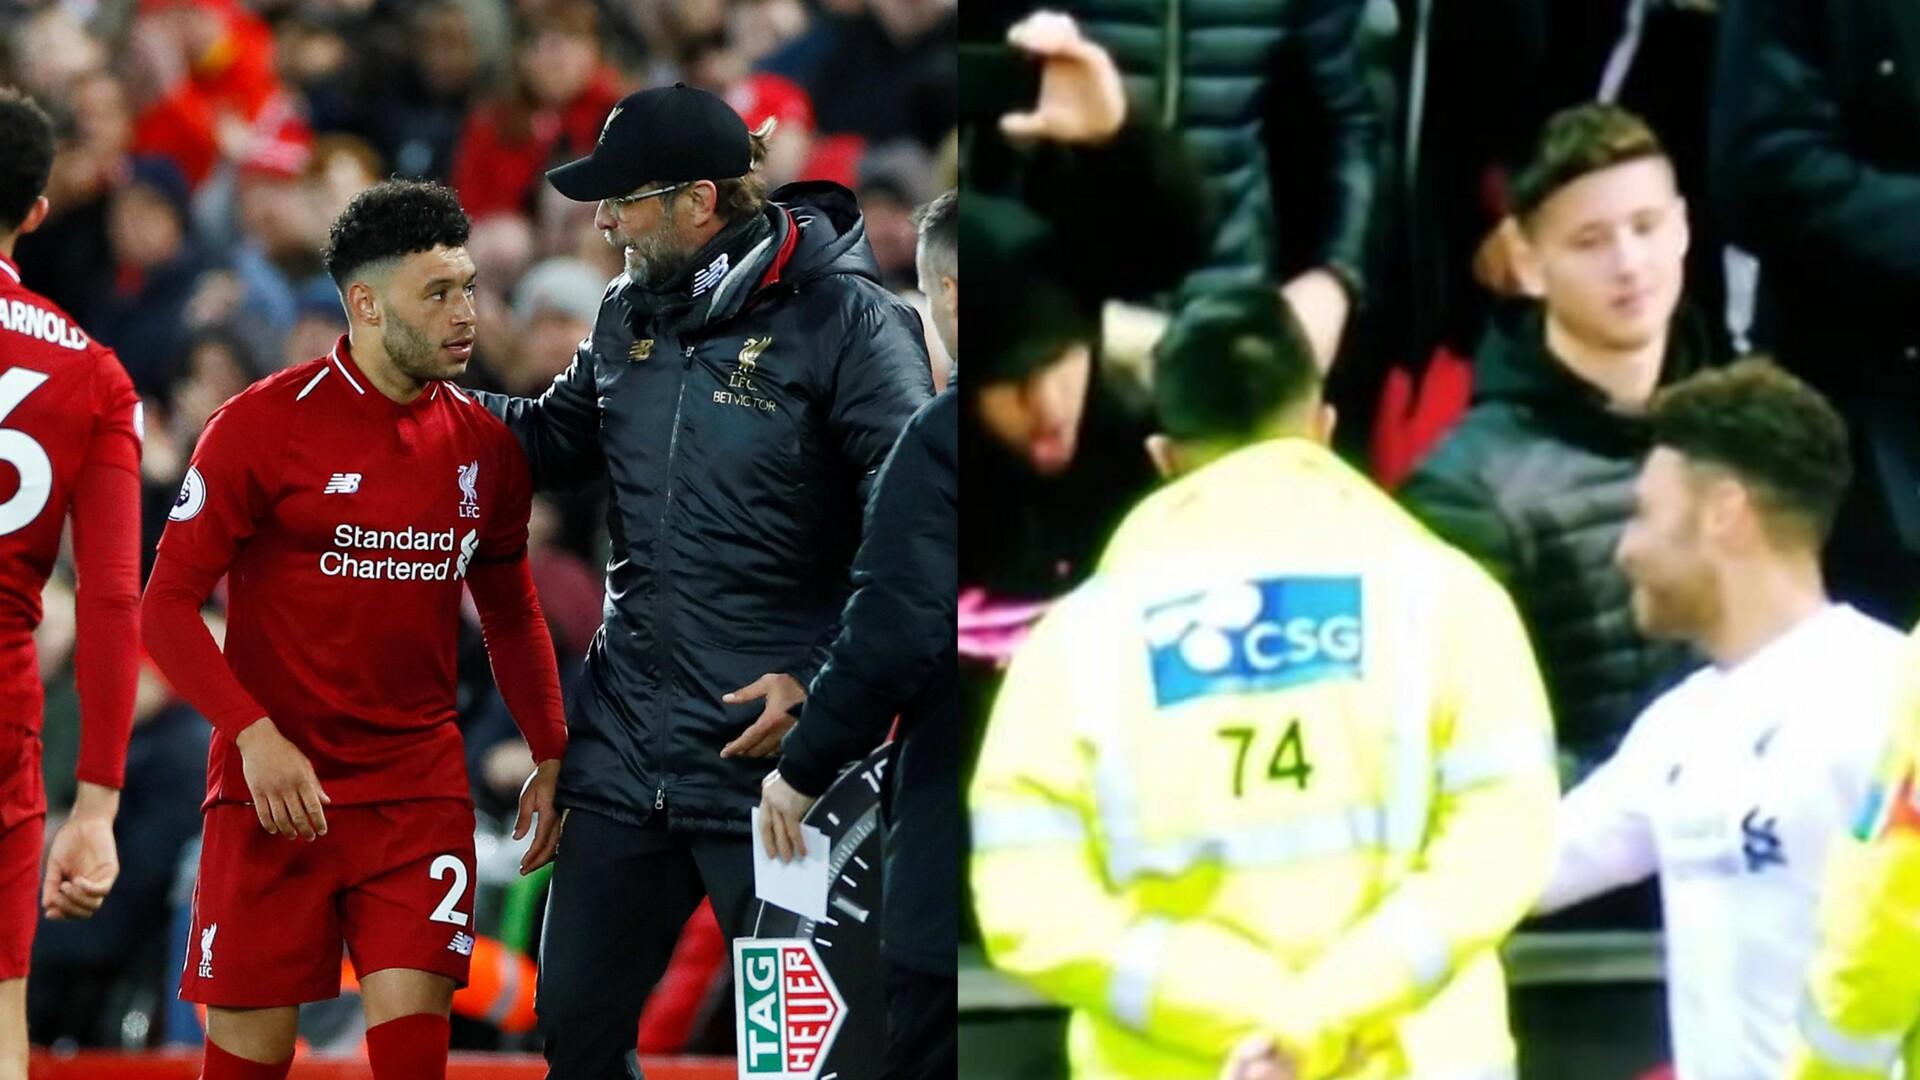 بالفيديو.. مشادة بين نجم ليفربول والجمهور عقب التعادل مع مانشستر يونايتد